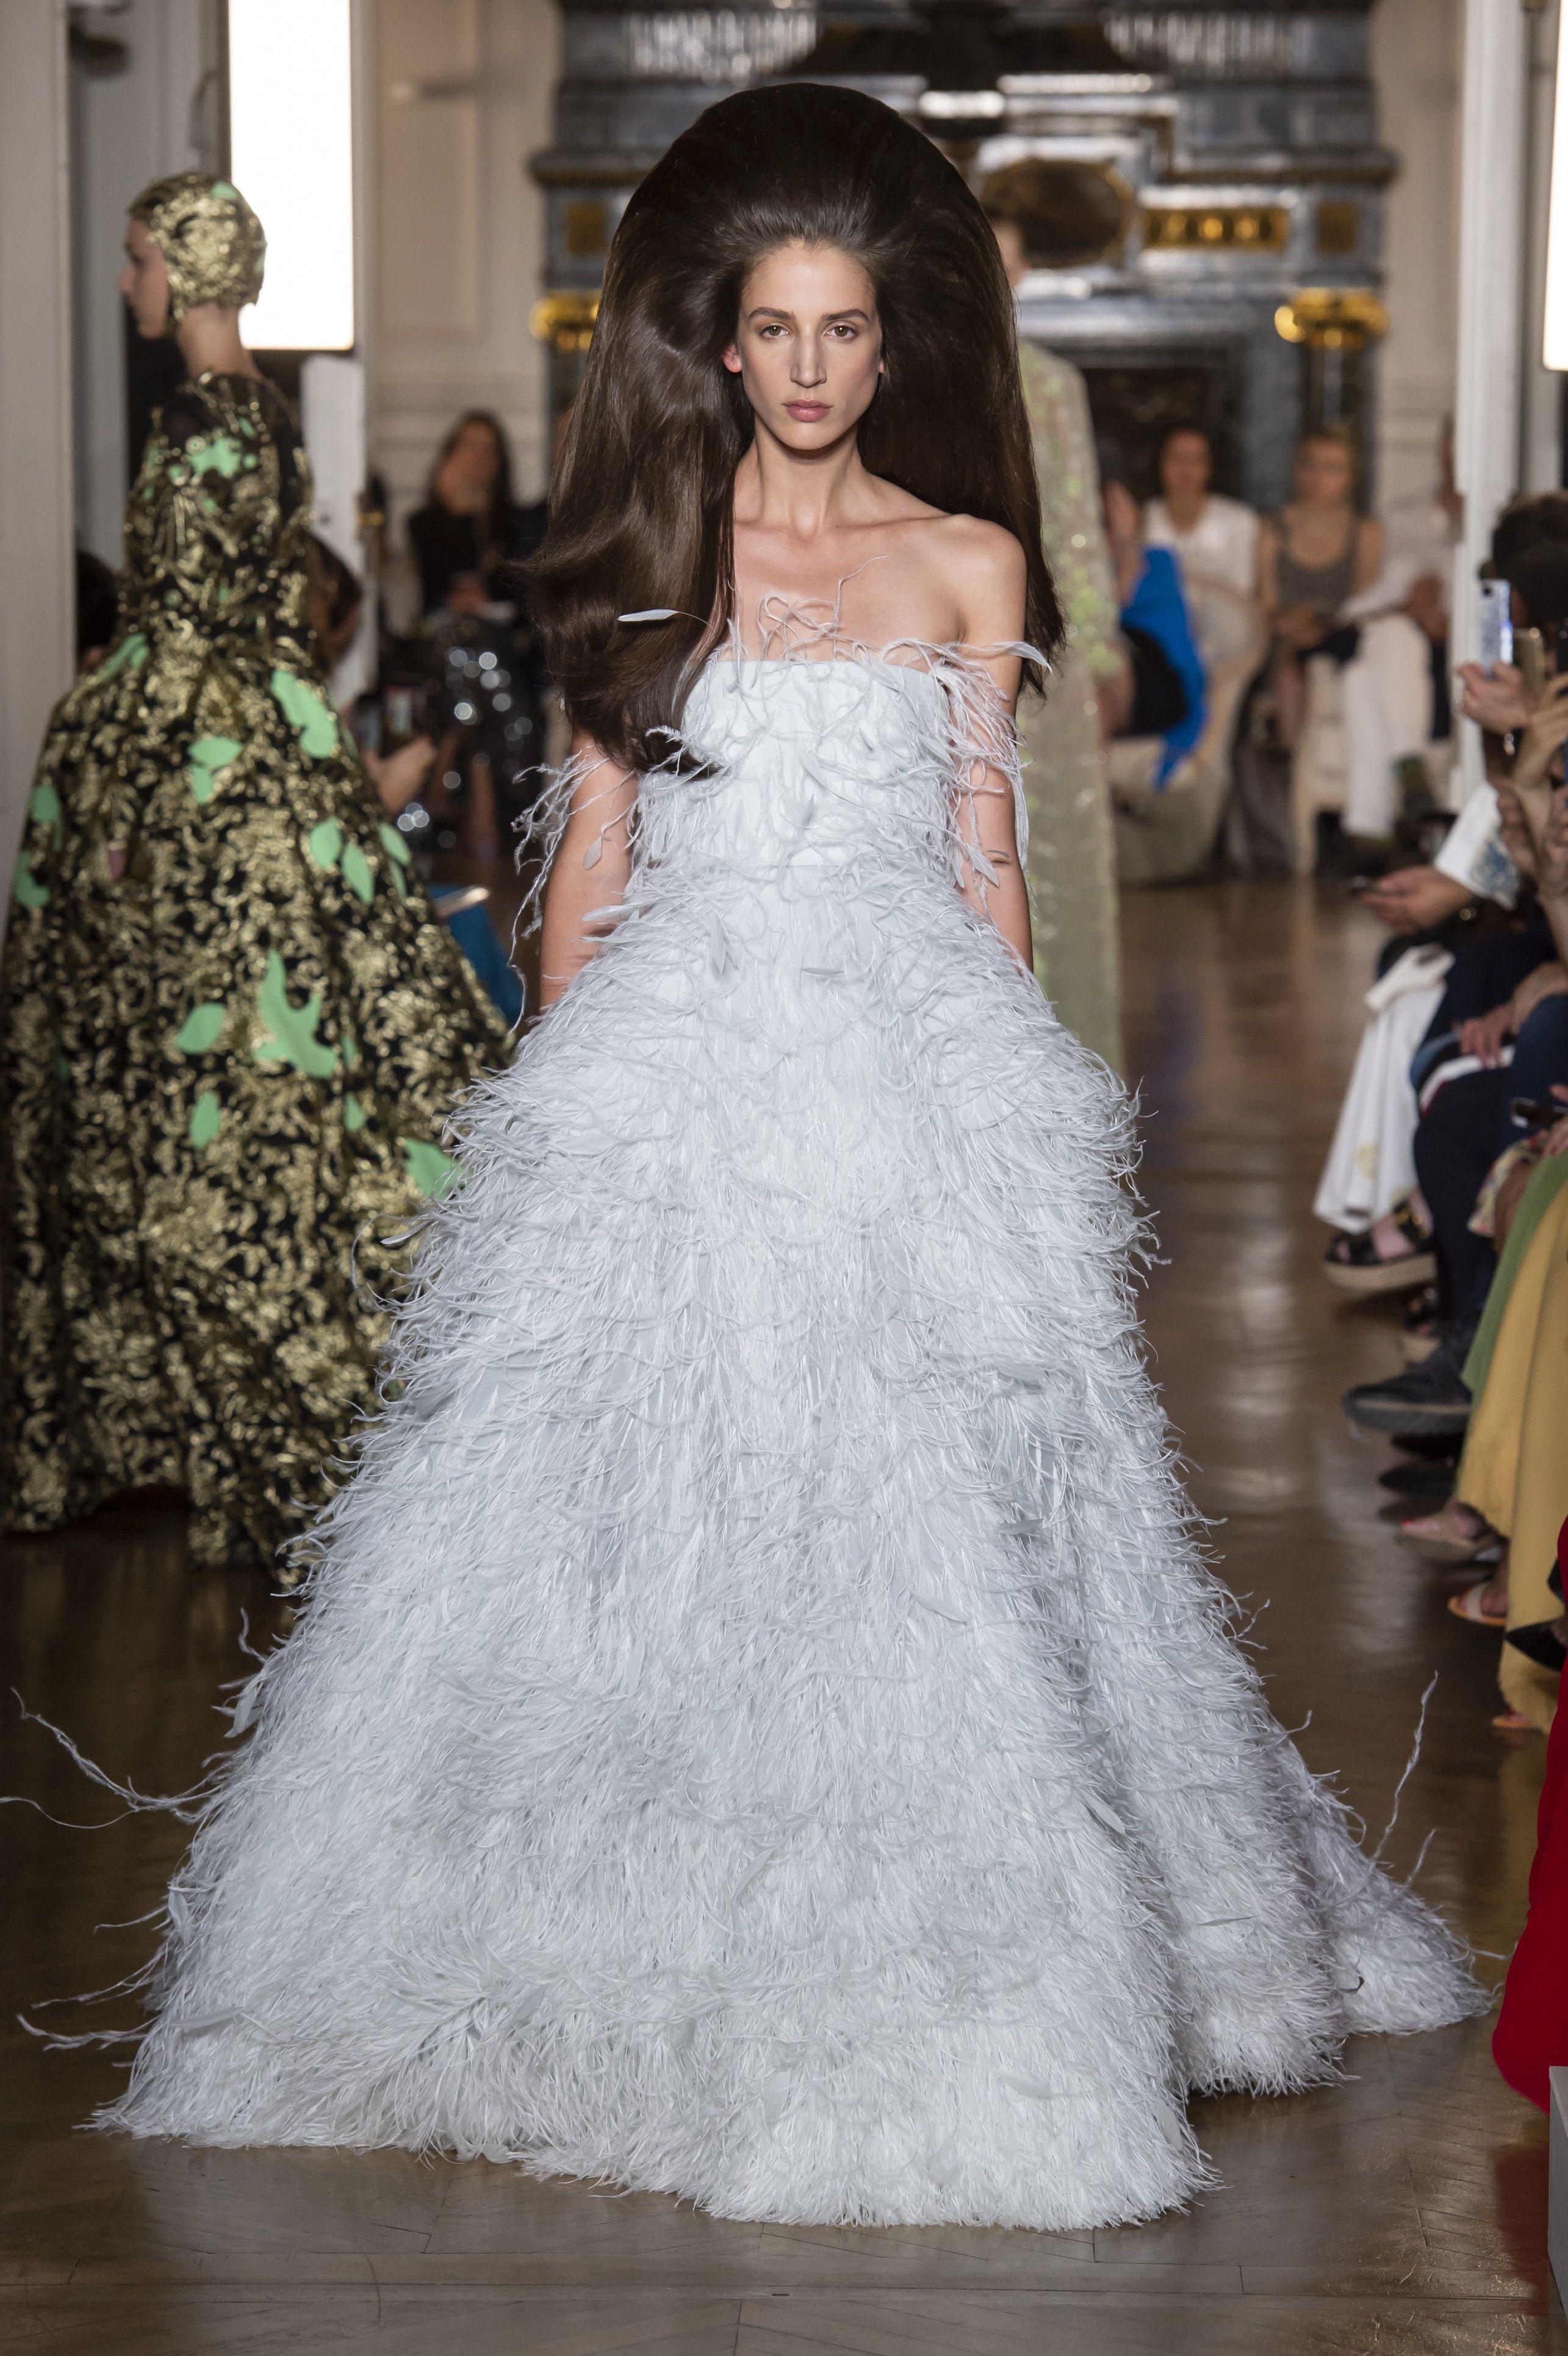 Modelli Dall'haute Da Abiti Couture Parigi Sposa E Tendenze Di 2019 tqgPwYg